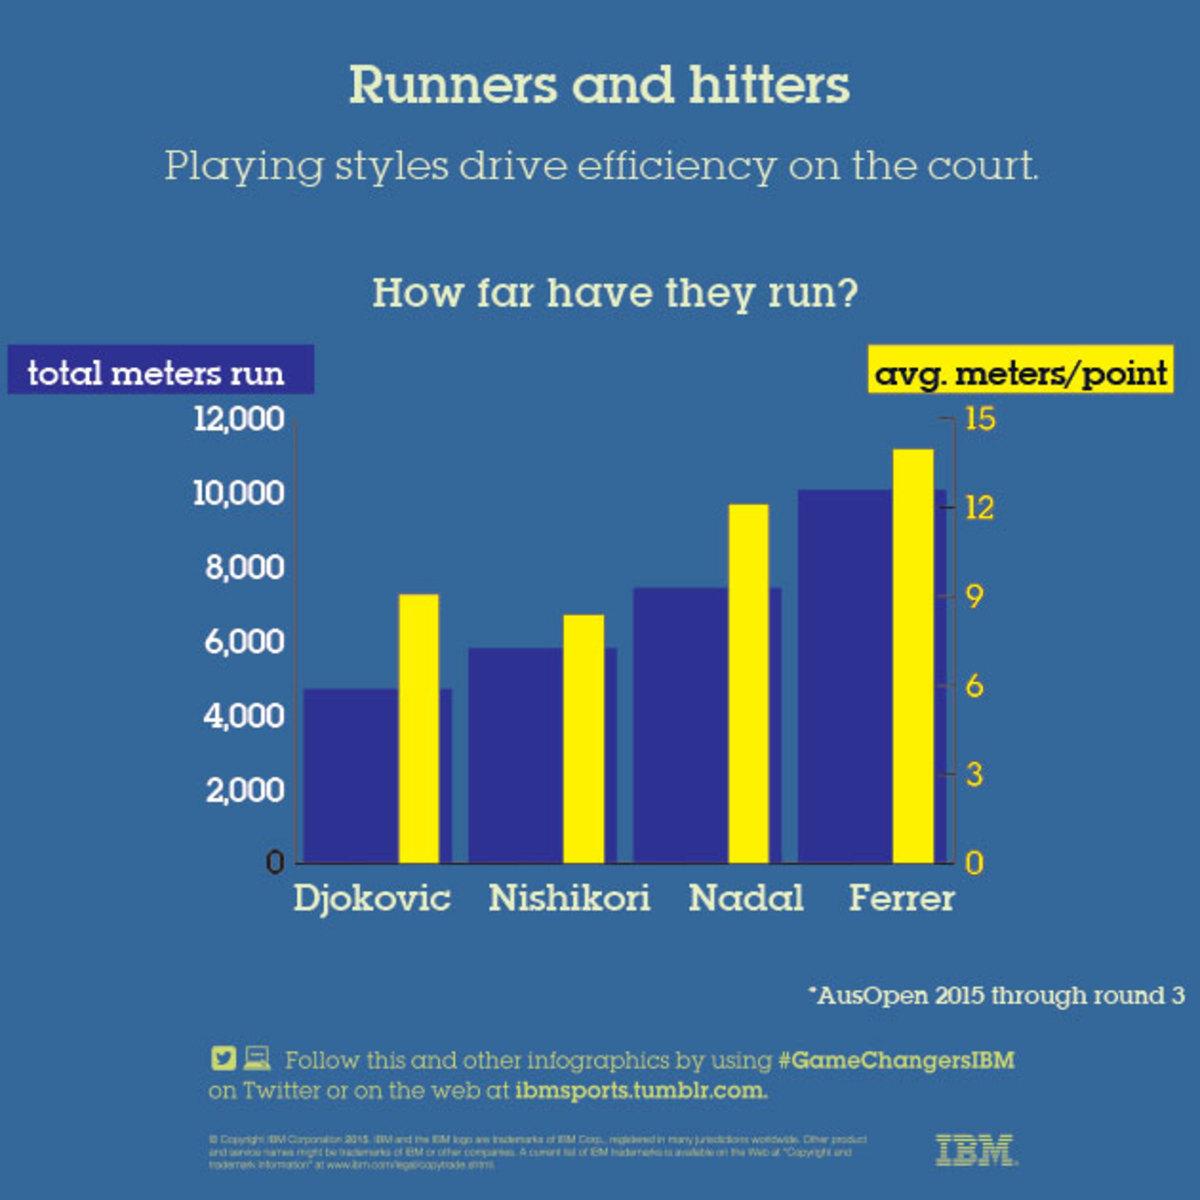 runnersandhitters.jpg